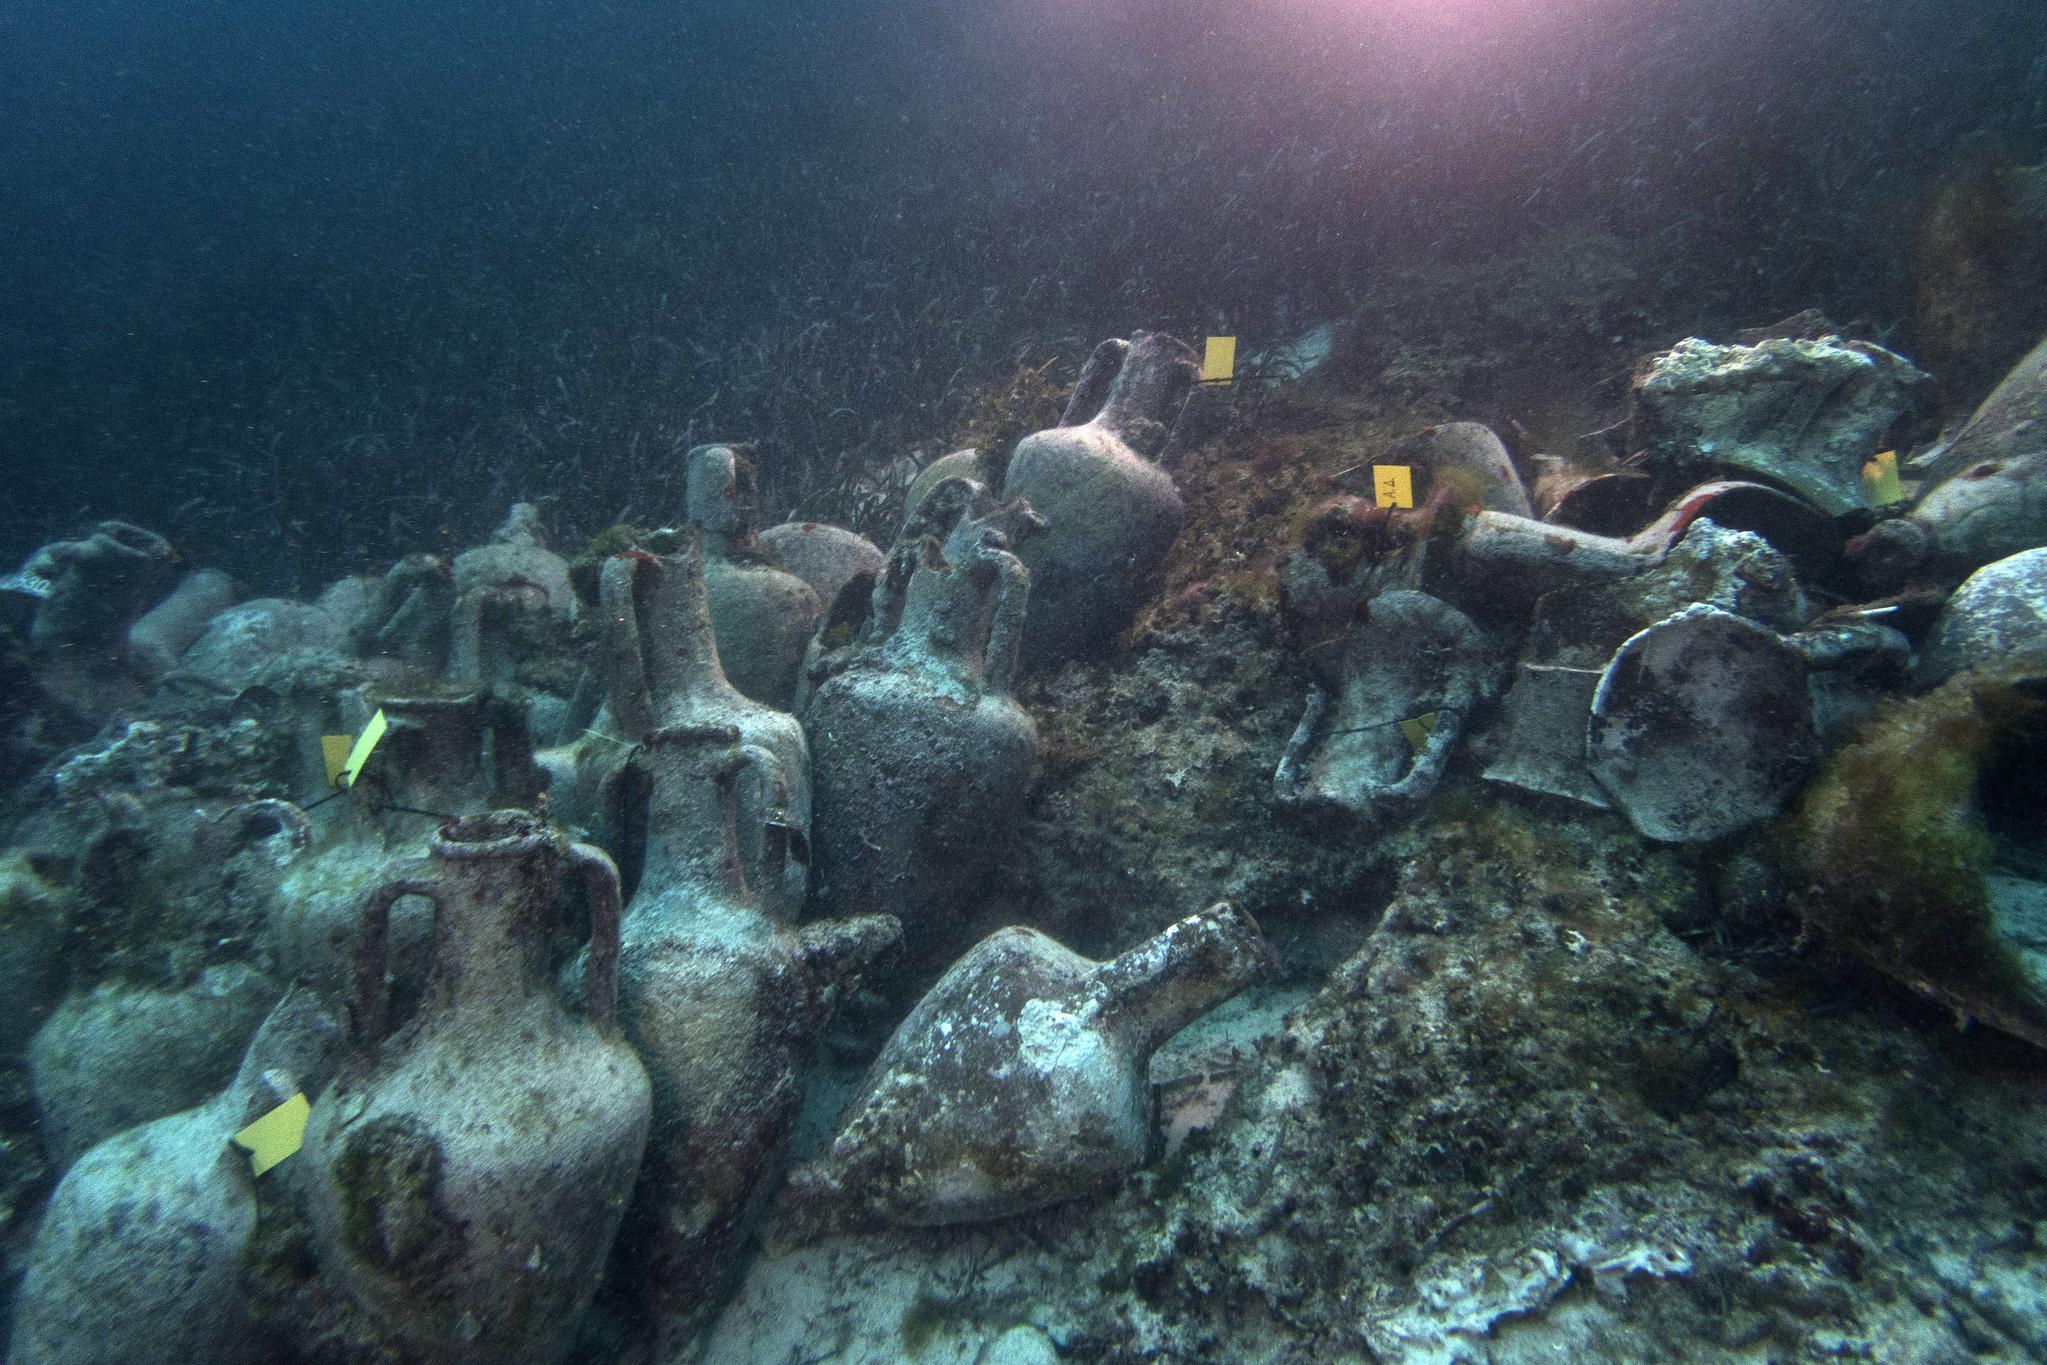 그리스가 처음 일반에 공개한 기원전 5세기에 침몰했을 것으로 추정되는 난파선에 실려 있던 도자기. [AP=연합뉴스]